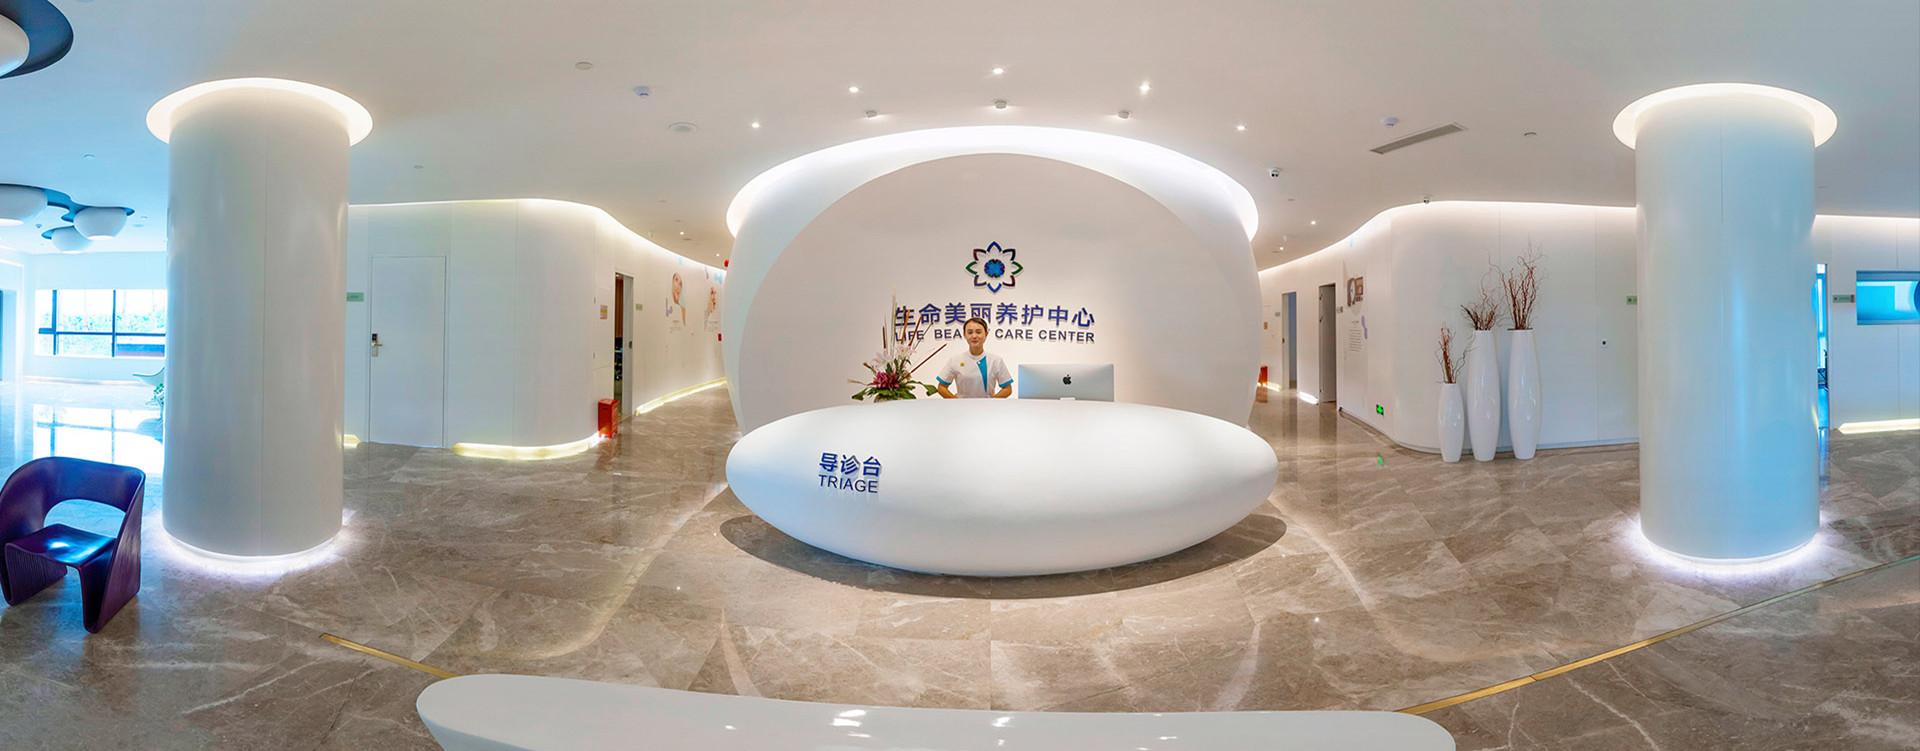 Краткое описание международного пилотного кластера медицинского туризма Боао Лэчэн